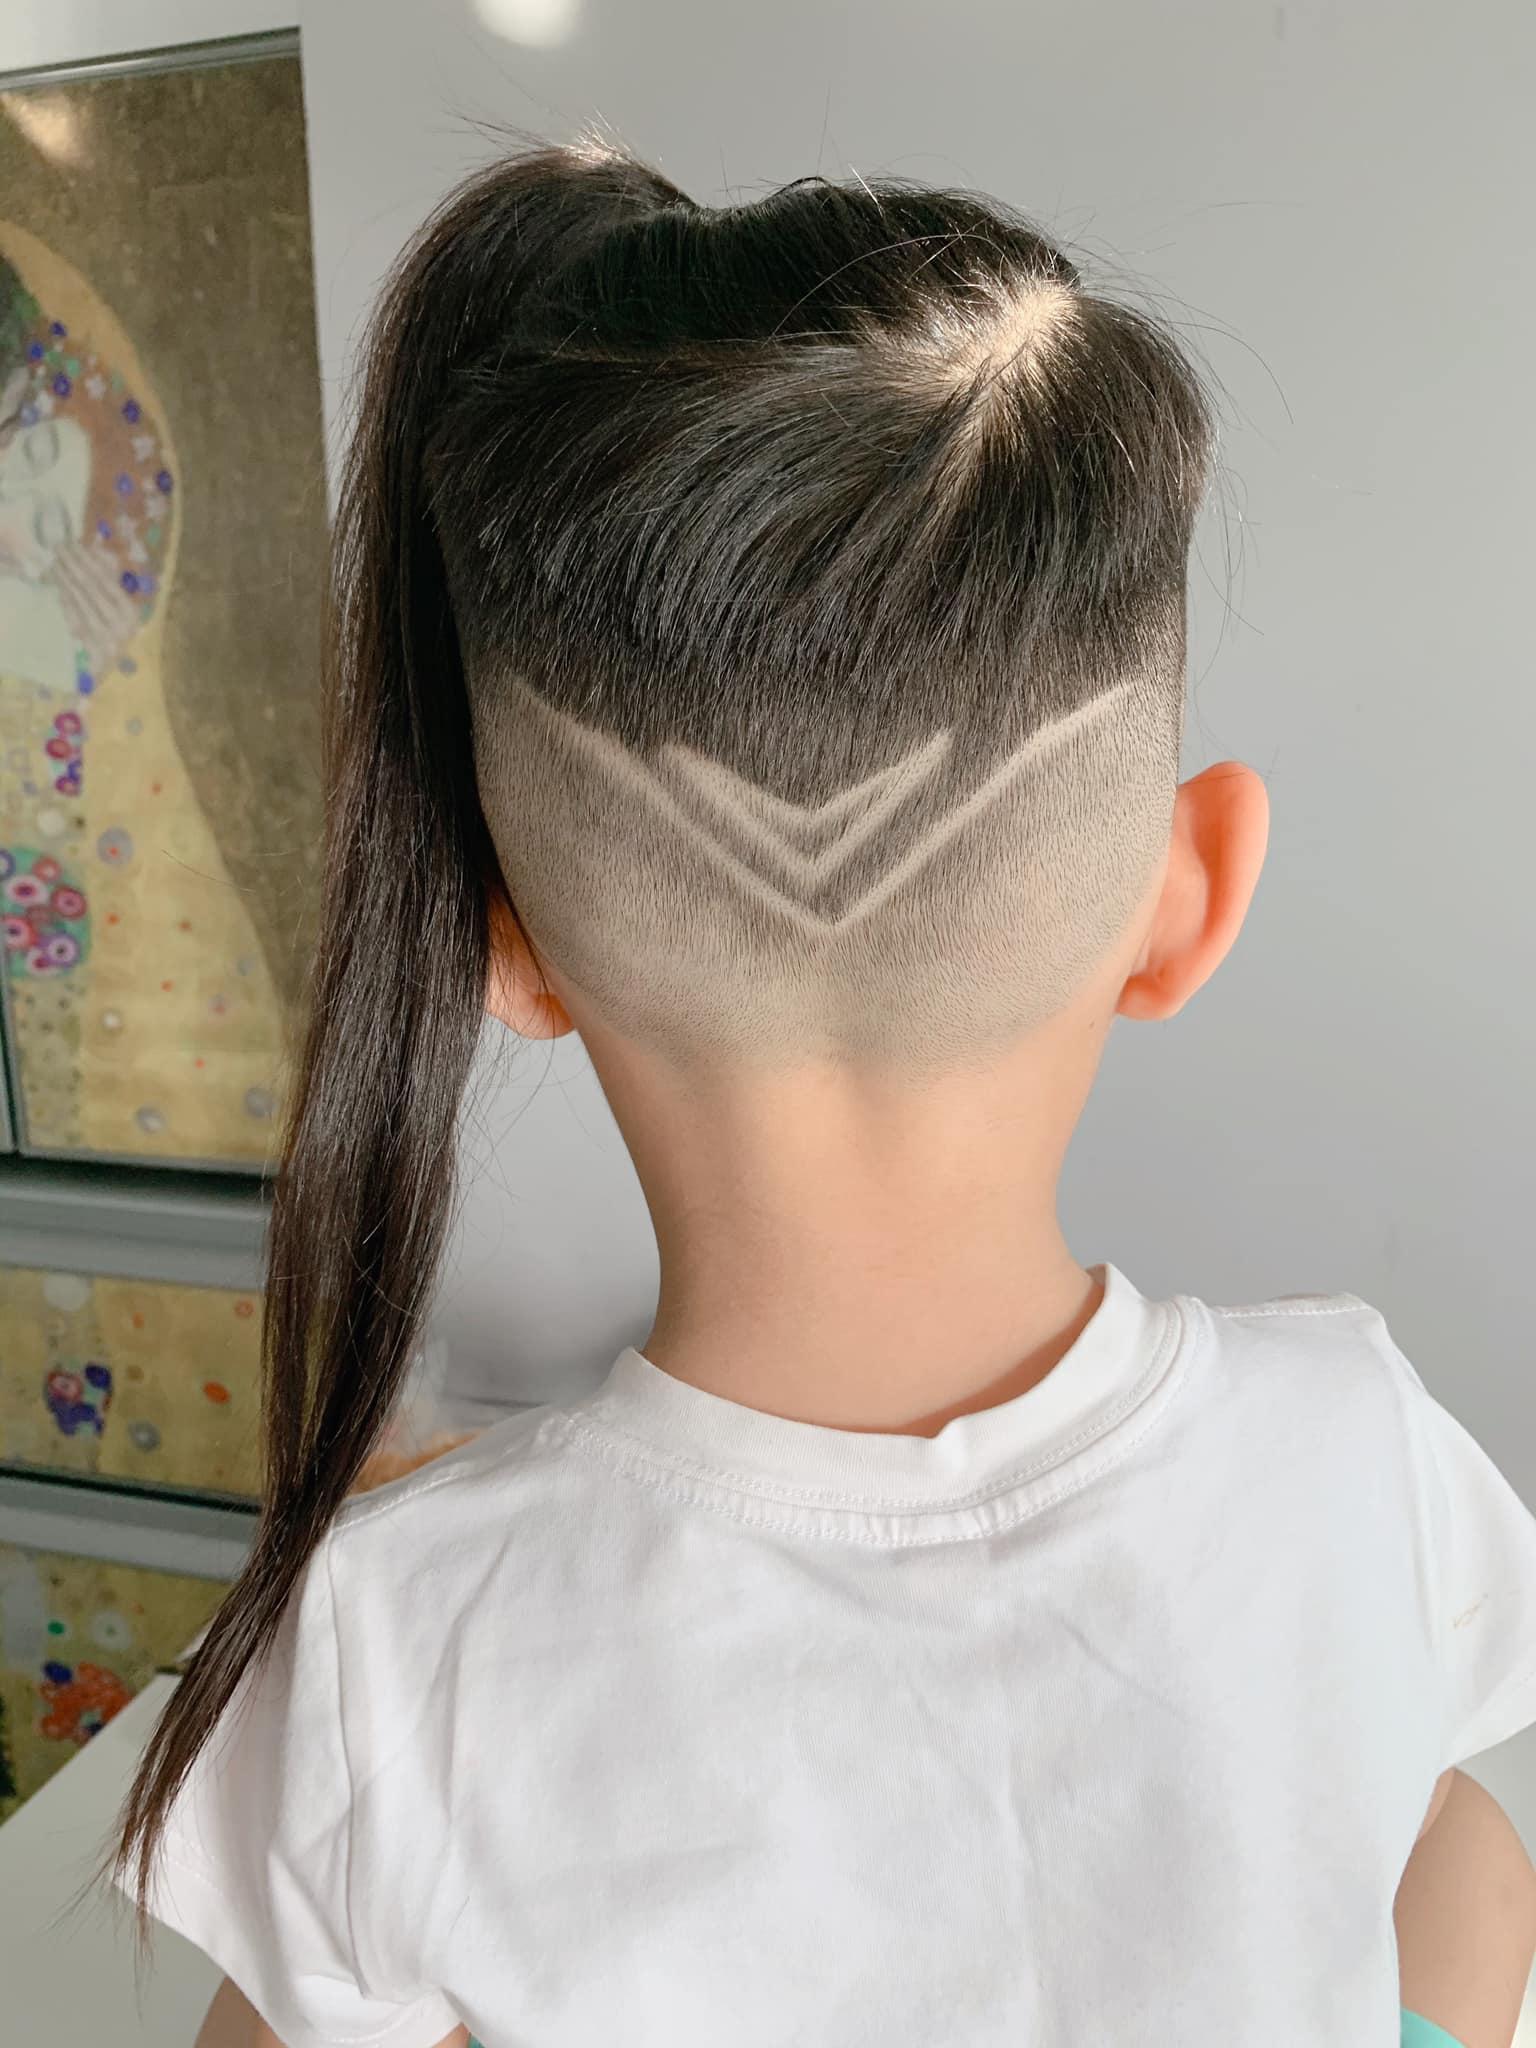 Con gái tóc dài đủ kiểu, con trai Ốc Thanh Vân cũng không kém với mốt độc không giống ai